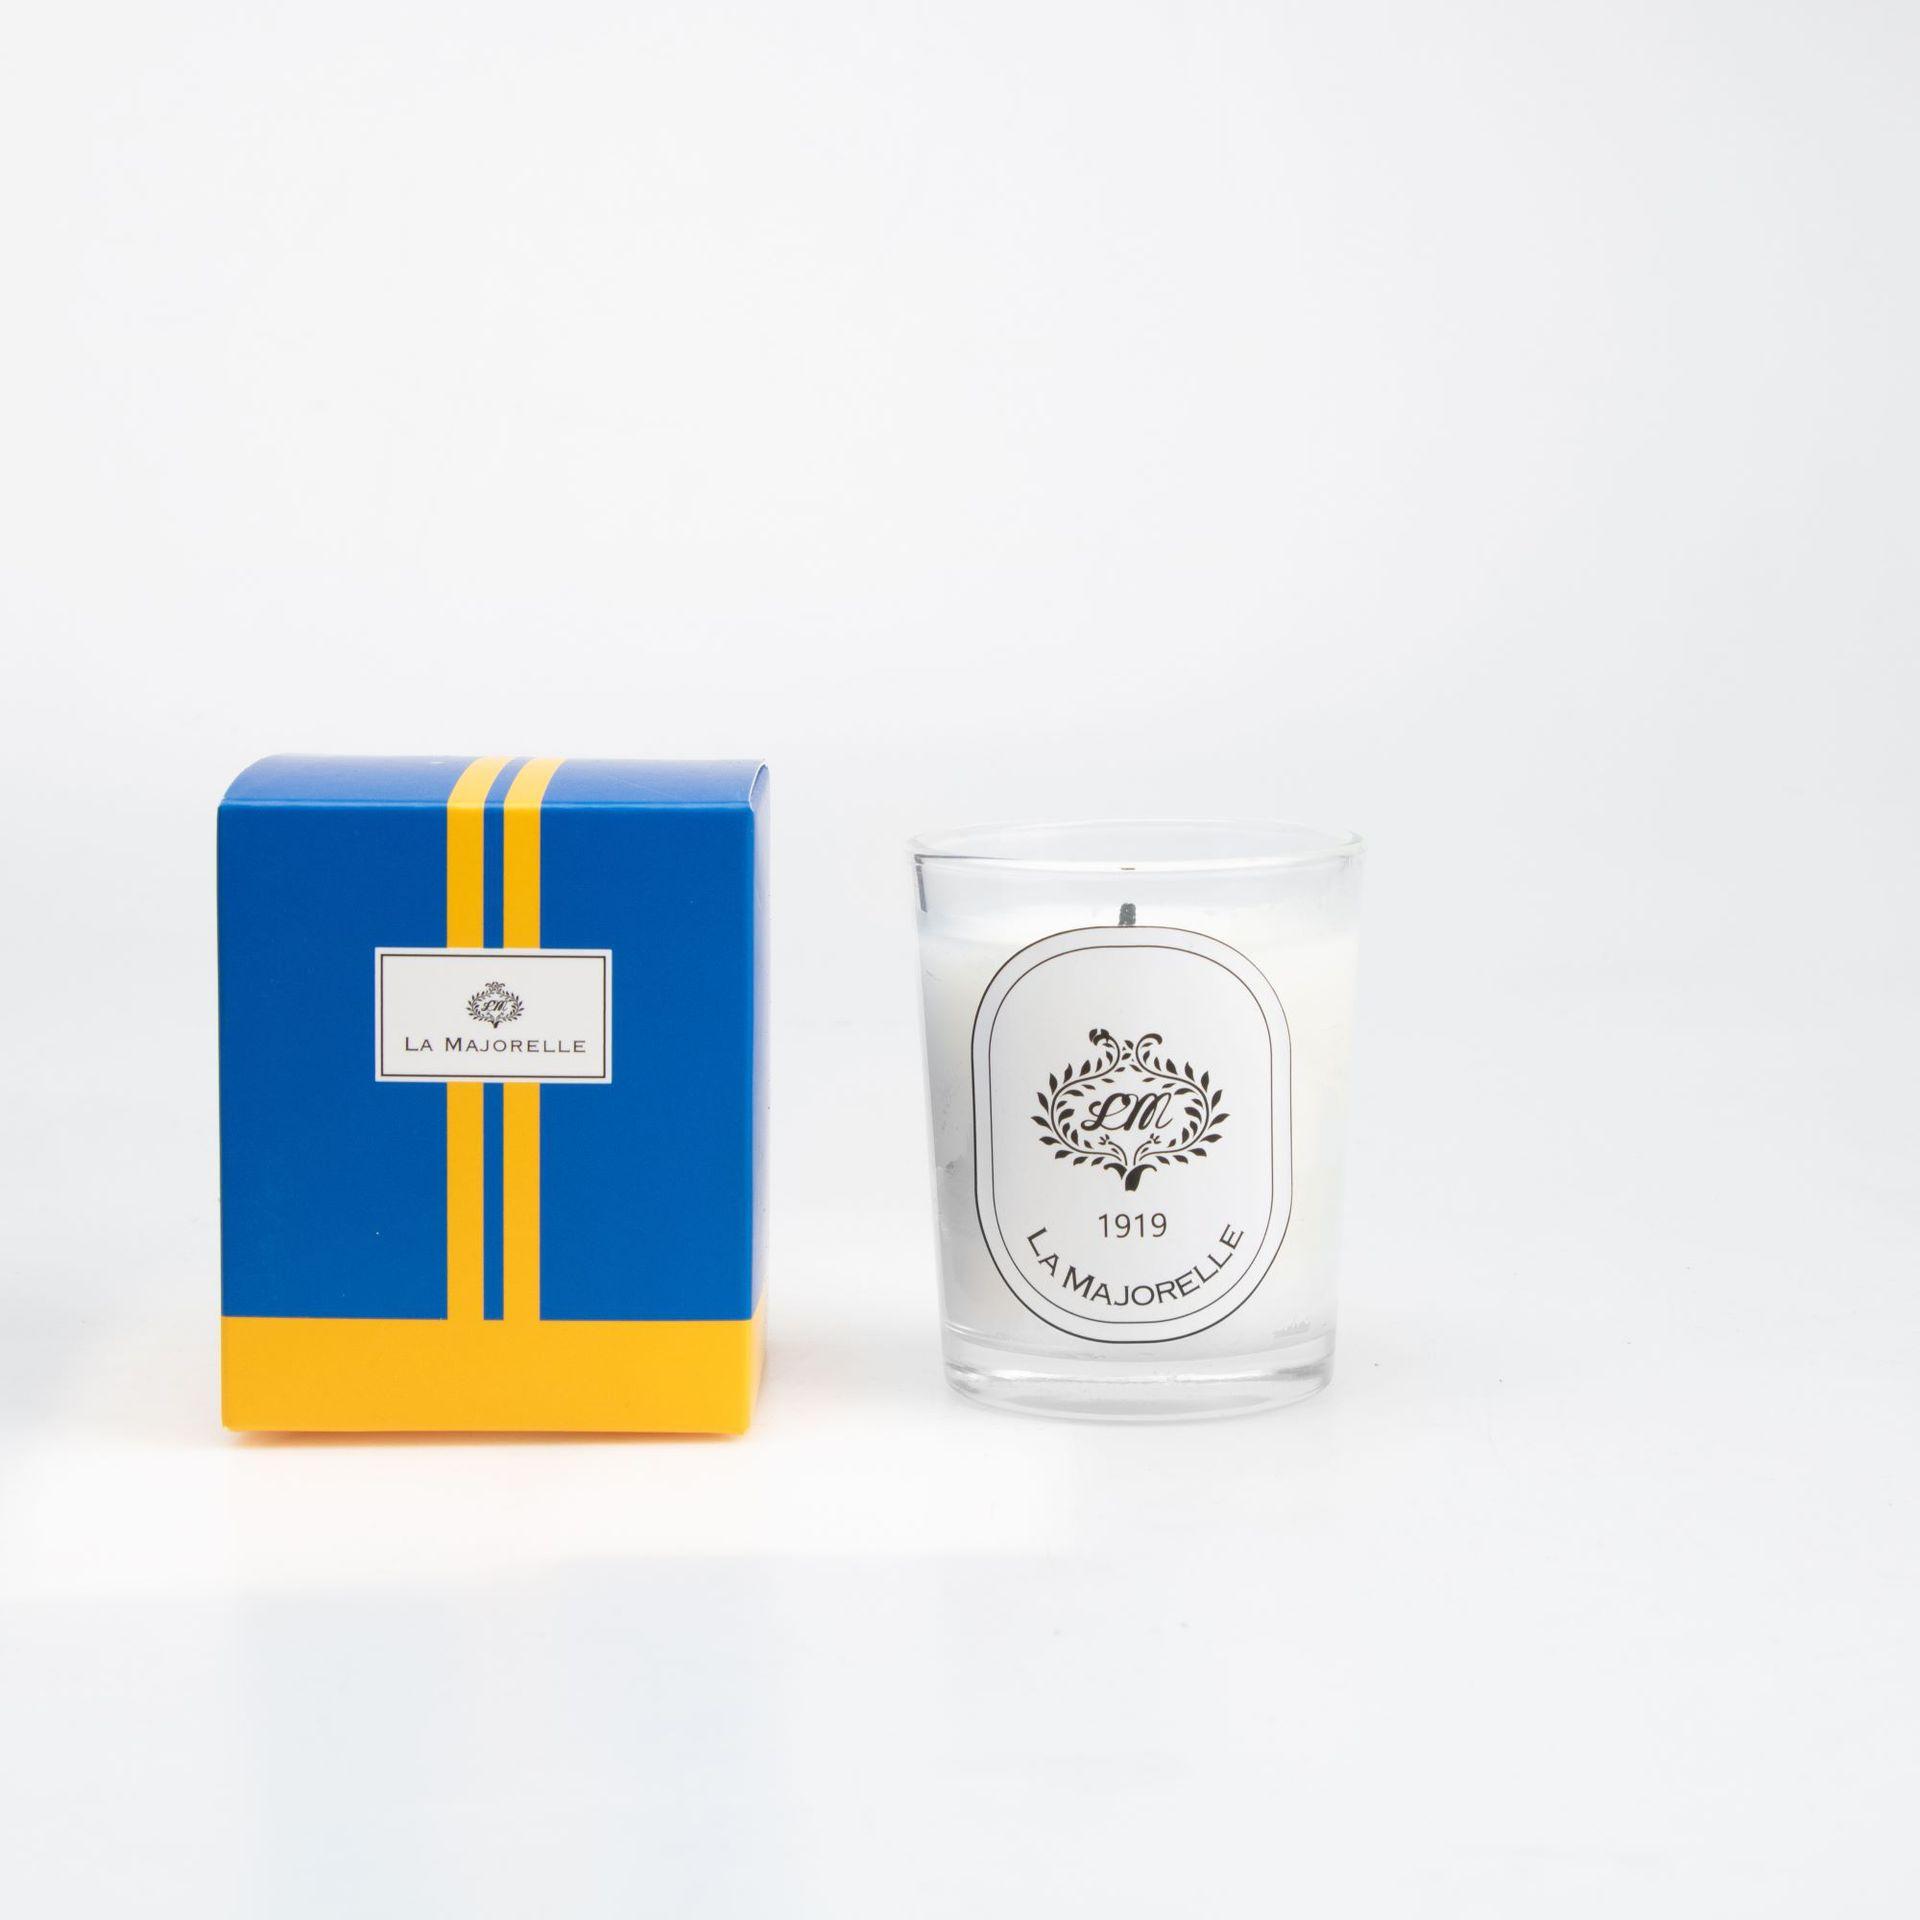 NLSX Nến Nhà máy trực tiếp nến thơm hình trụ nến thủy tinh thơm sáng tạo thủ công nến thơm trắng